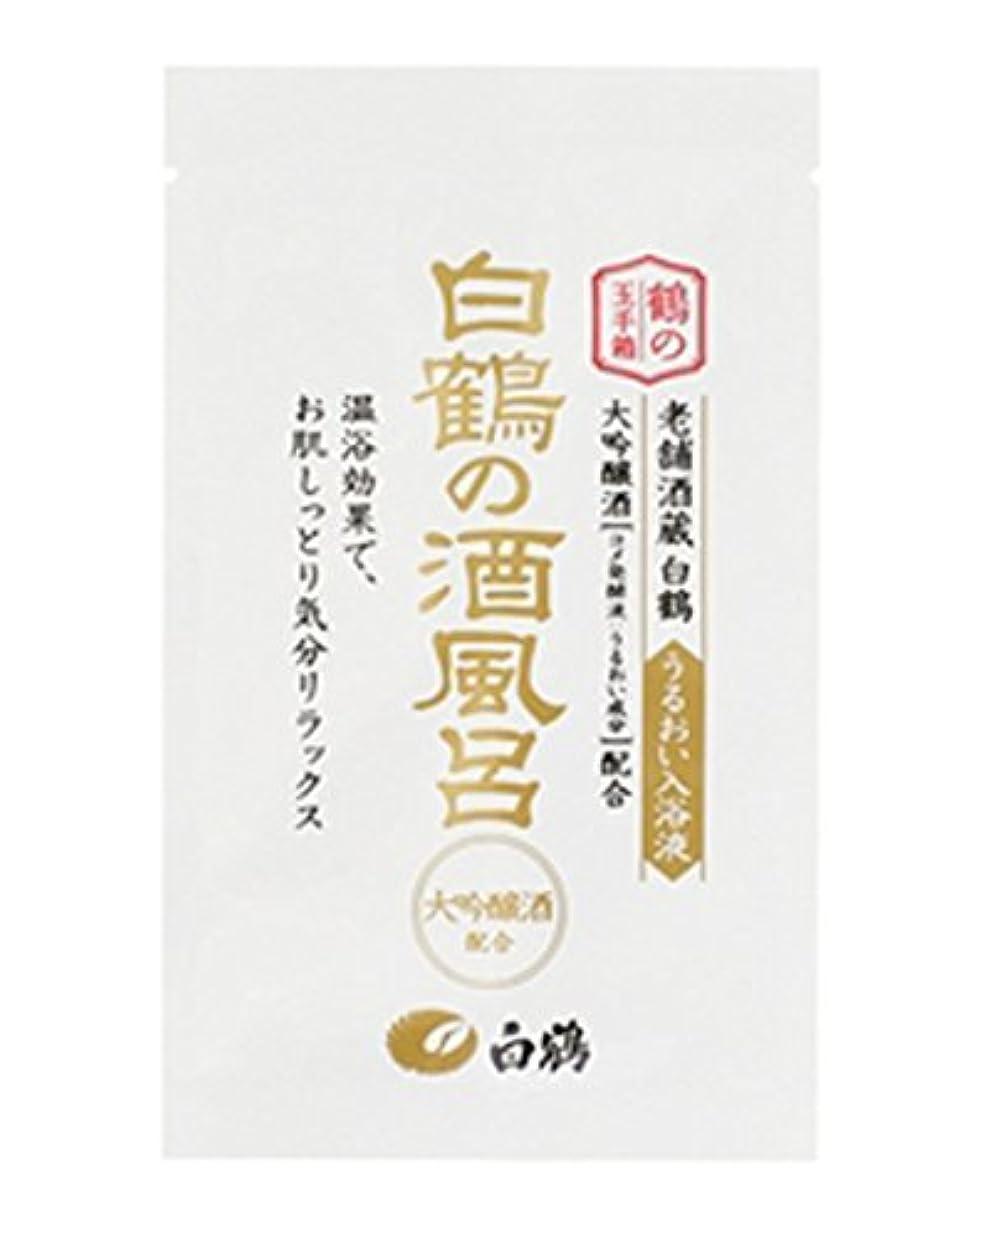 しかしながら存在する言い直す白鶴の酒風呂 大吟醸酒配合 25ml(入浴剤)